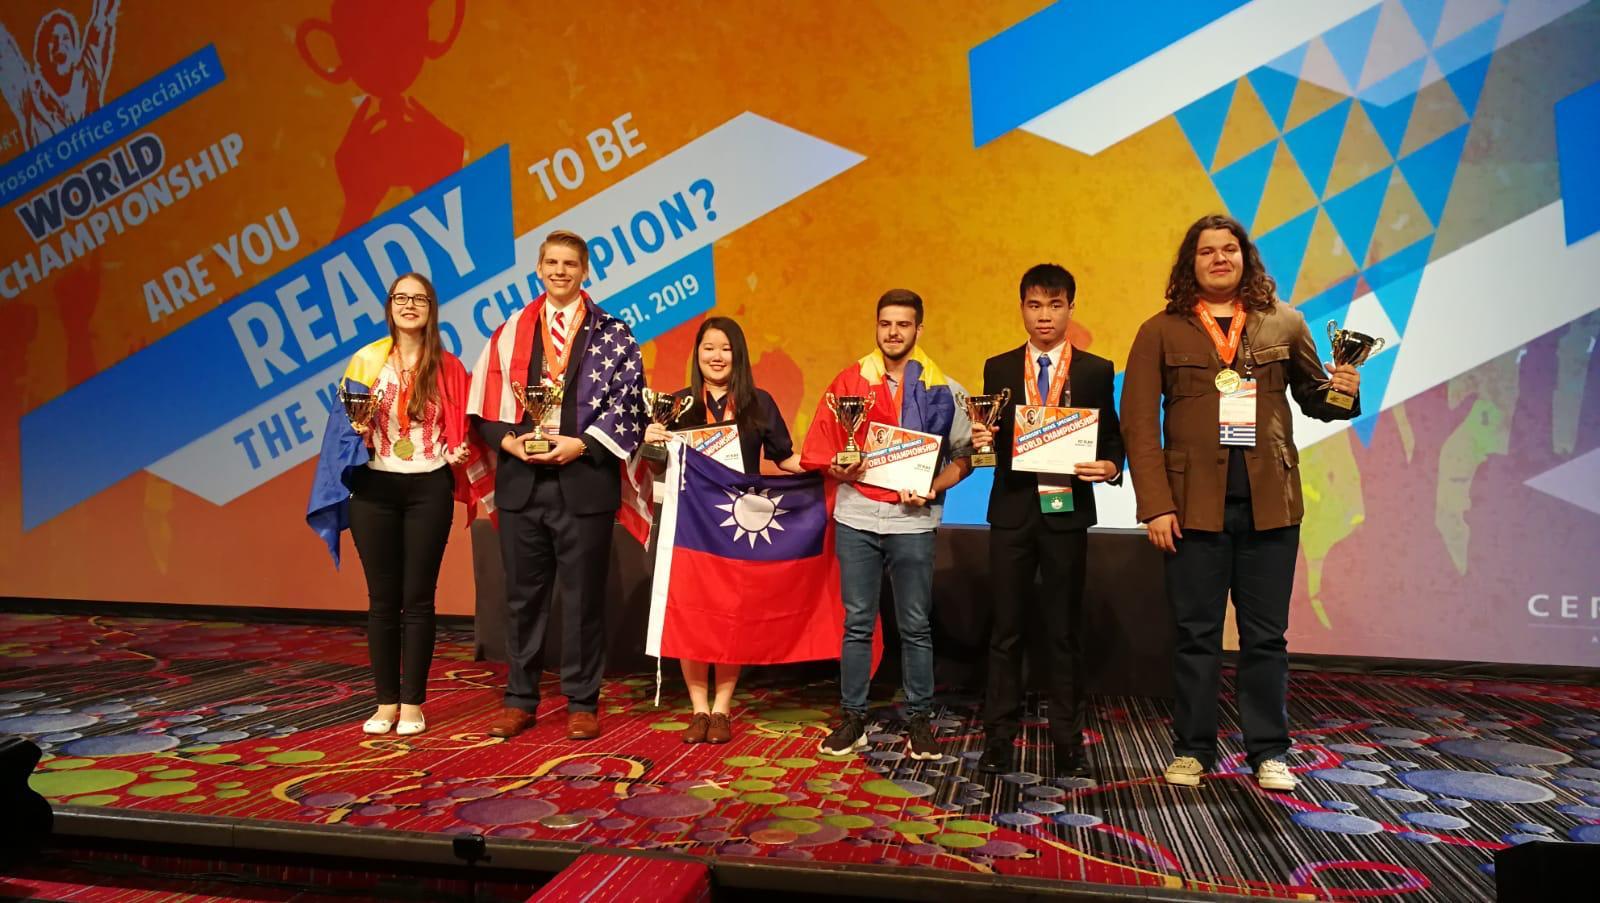 România, dublă campioană mondială la concursul Microsoft Office Specialist World Championship la Word și Excel și premiată cu bronz la categoria PowerPoint!